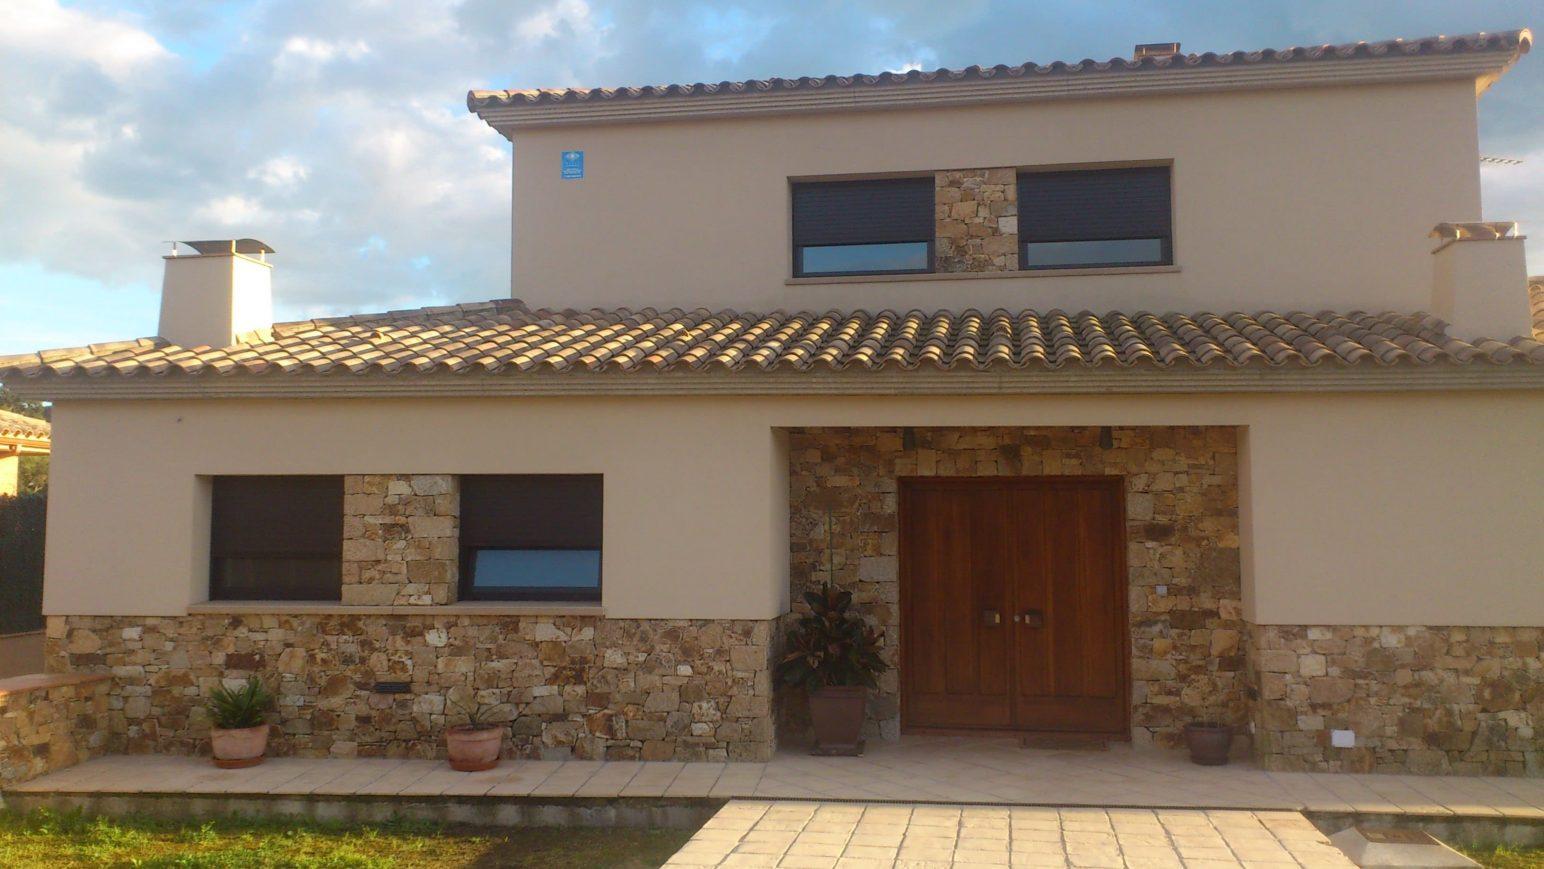 Piedra para fachada 5 ideas para revestir tus paredes for Fachadas de casas modernas con piedra